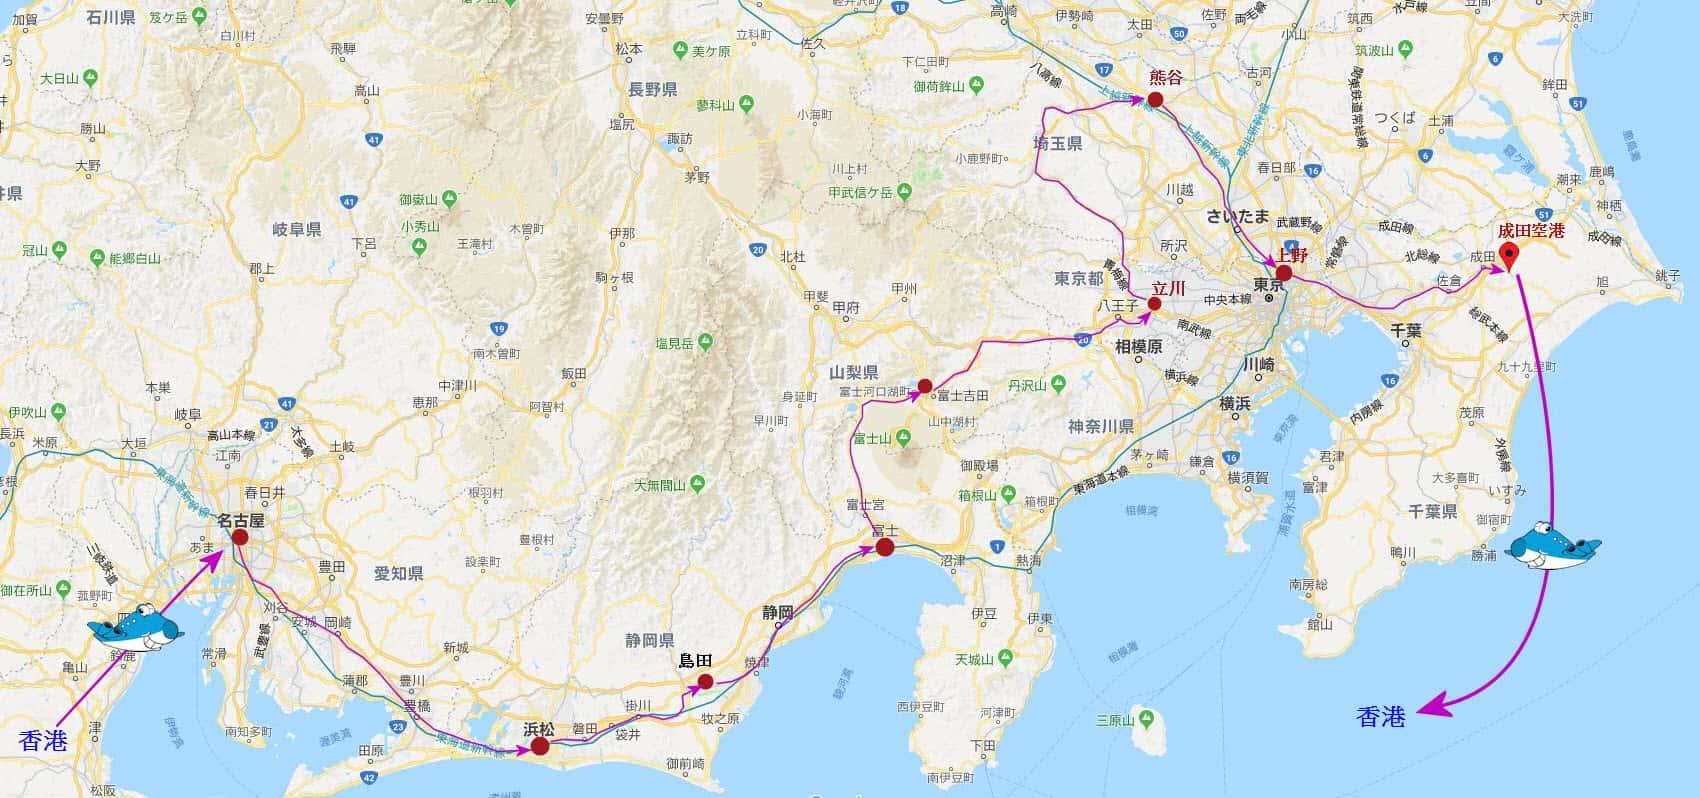 日本中部、關東(名古屋、浜松、島田、富士市、富士吉田市.竜ケ丘、立川、熊谷、東京)自助旅遊路線圖